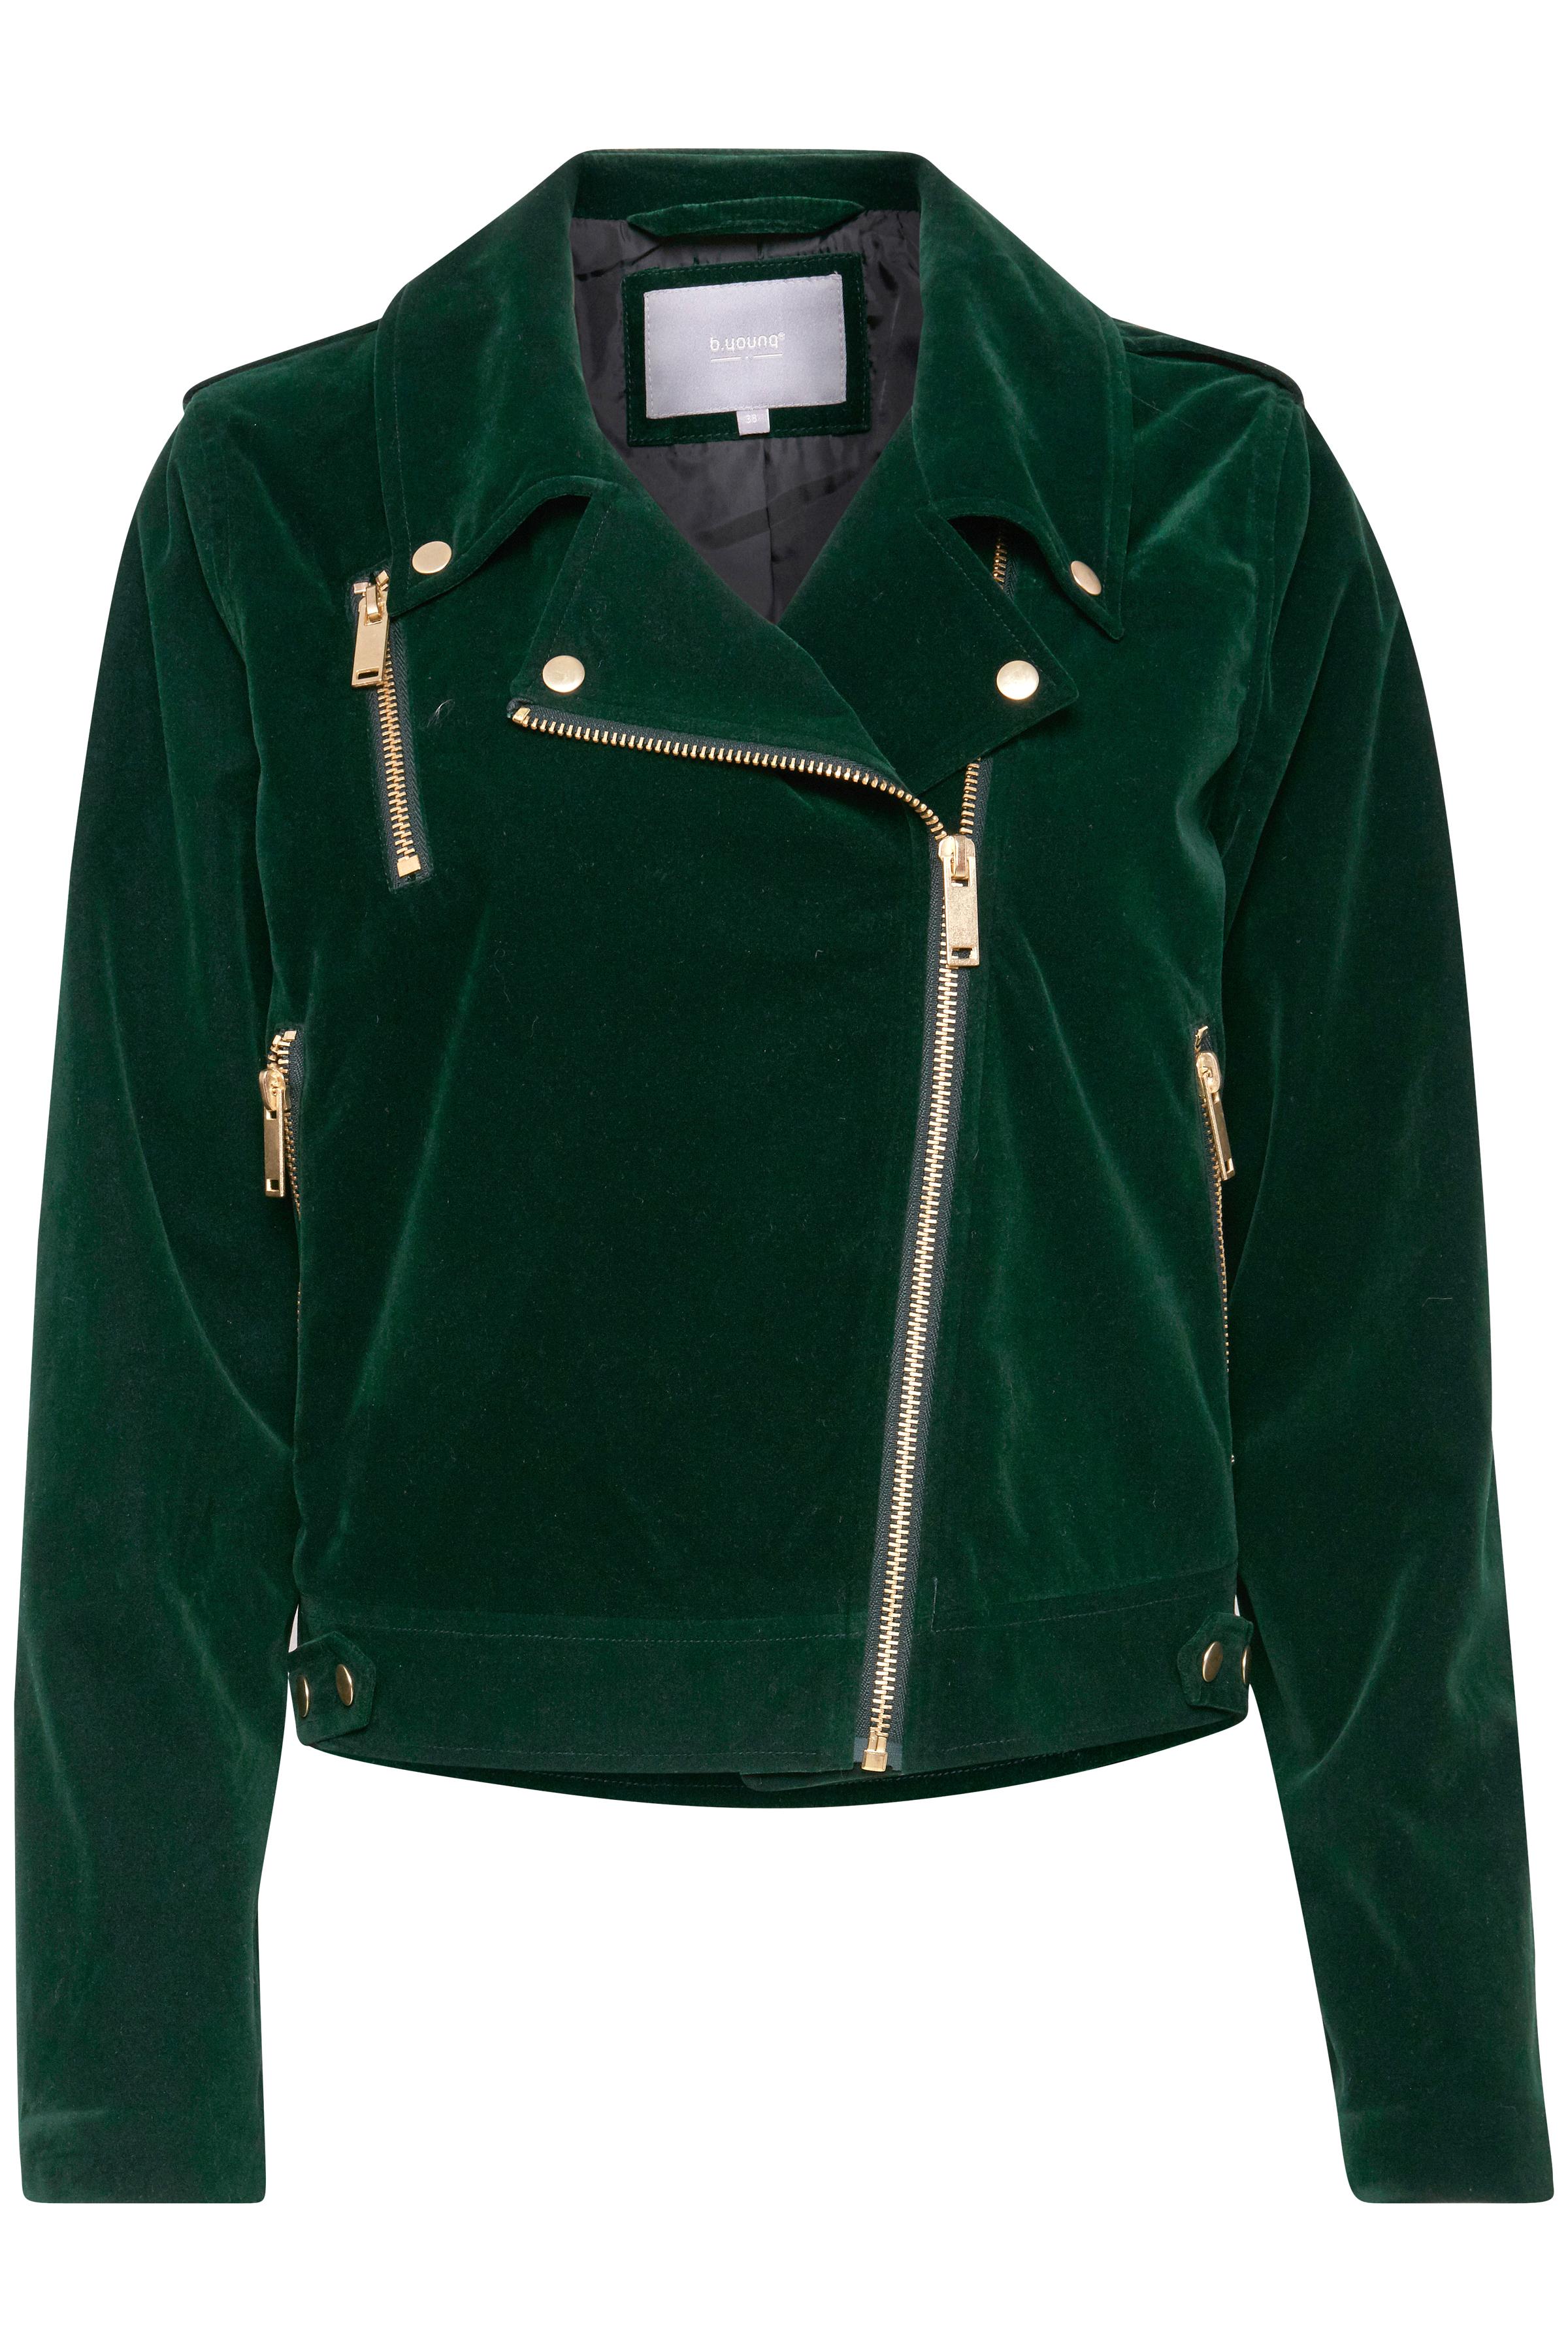 Majestic Green Jacke von b.young – Kaufen Sie Majestic Green Jacke aus Größe 36-46 hier